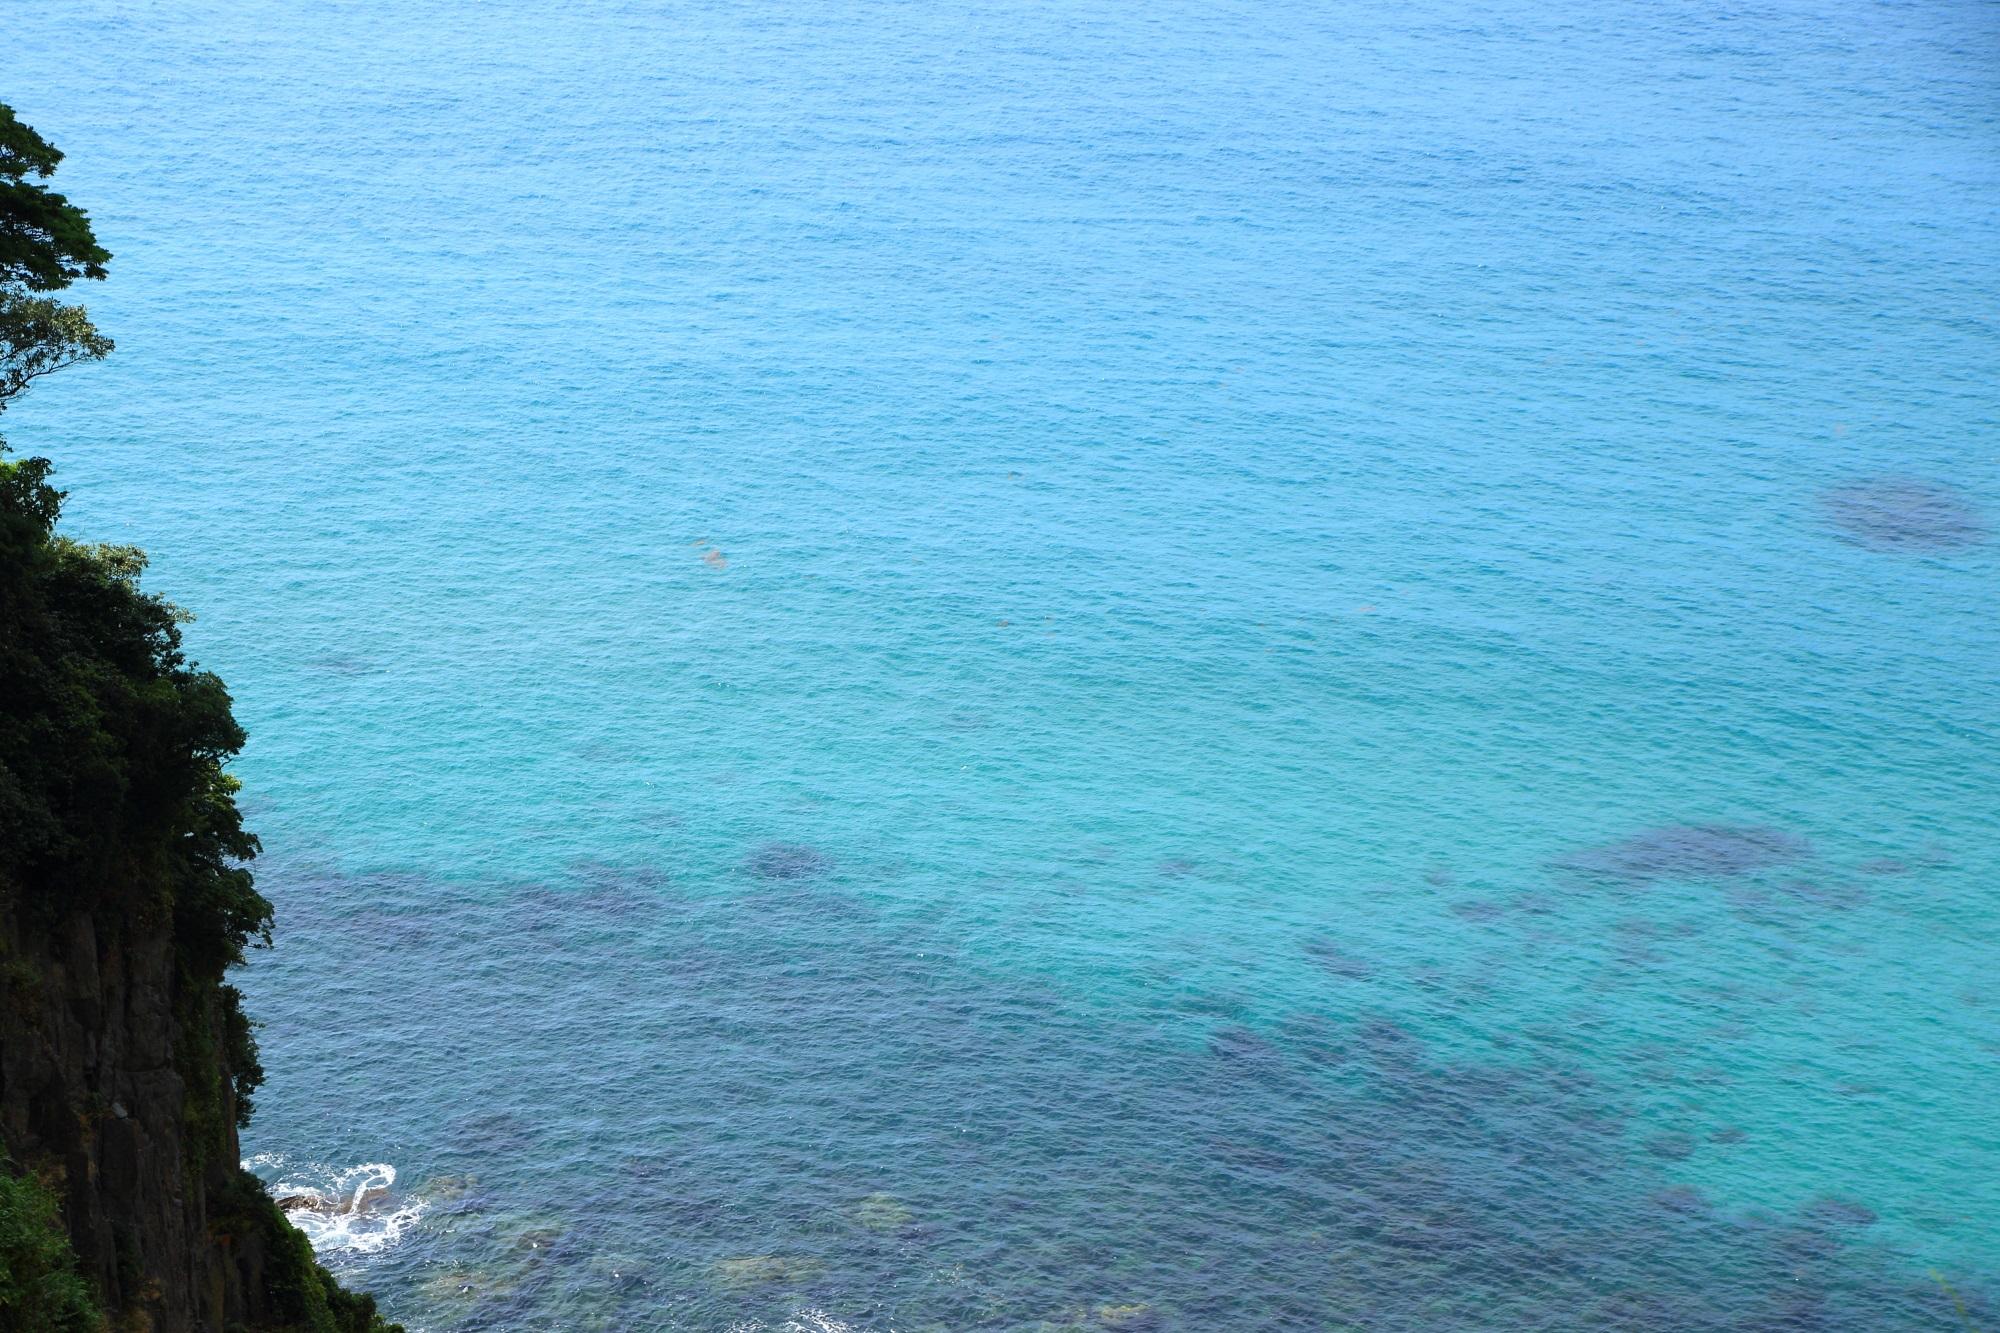 京丹後市のマリンブルーの綺麗すぎる海